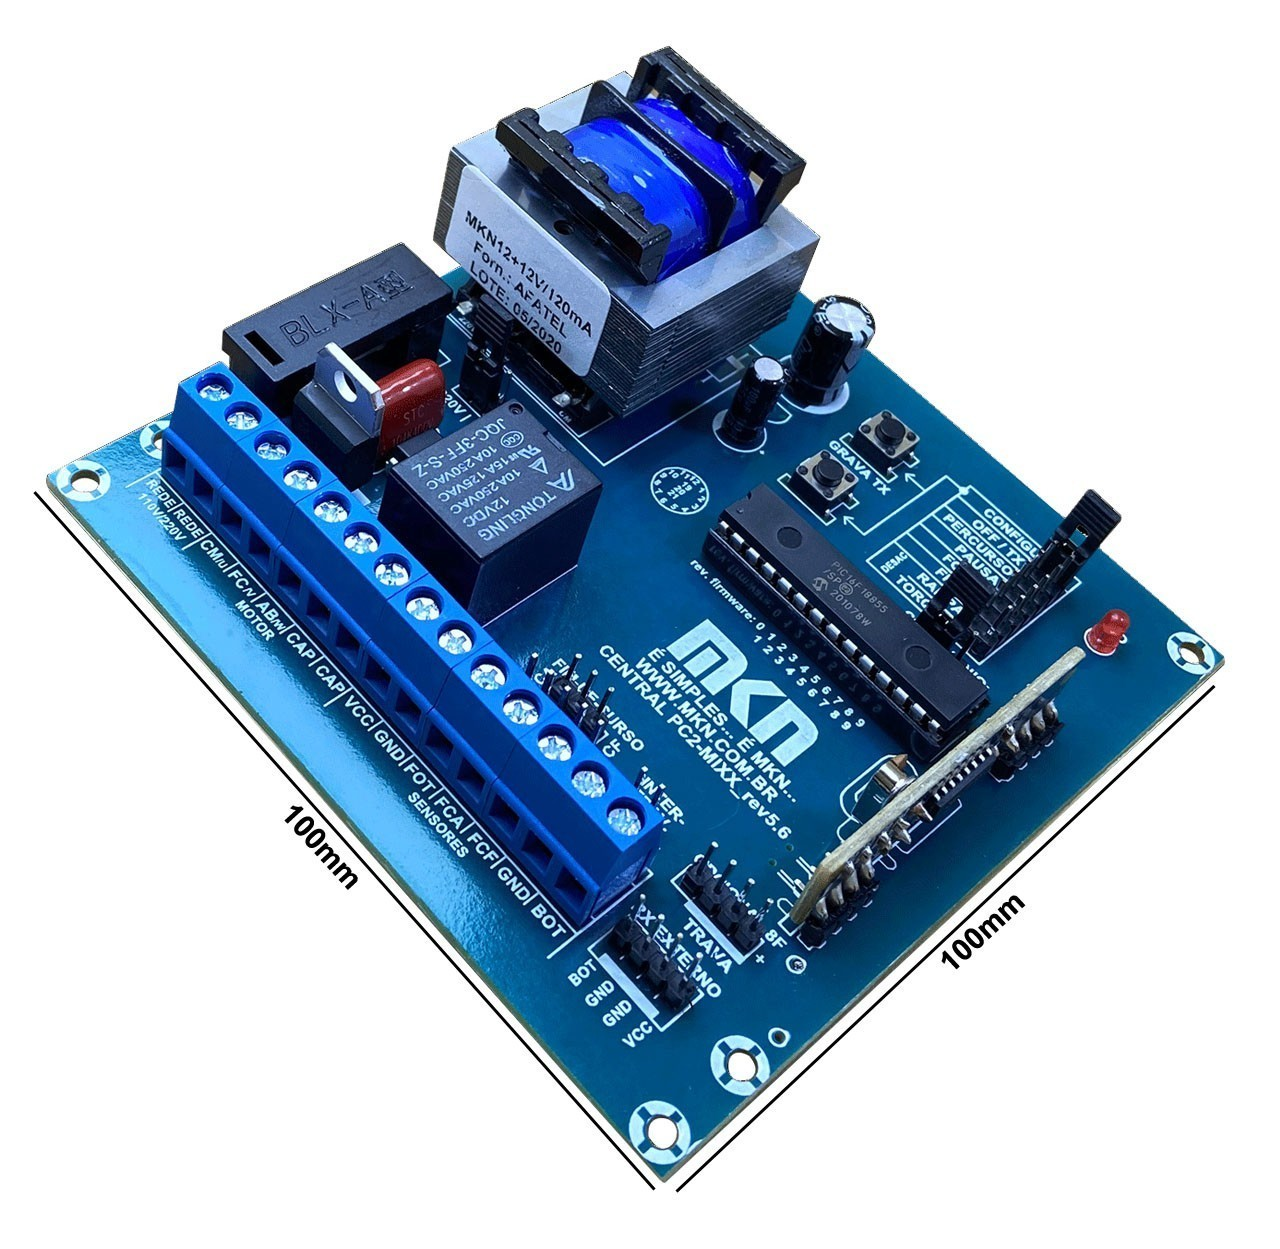 Central Portao Automatico Cp4000 Mkn + Fim Curso + Controles